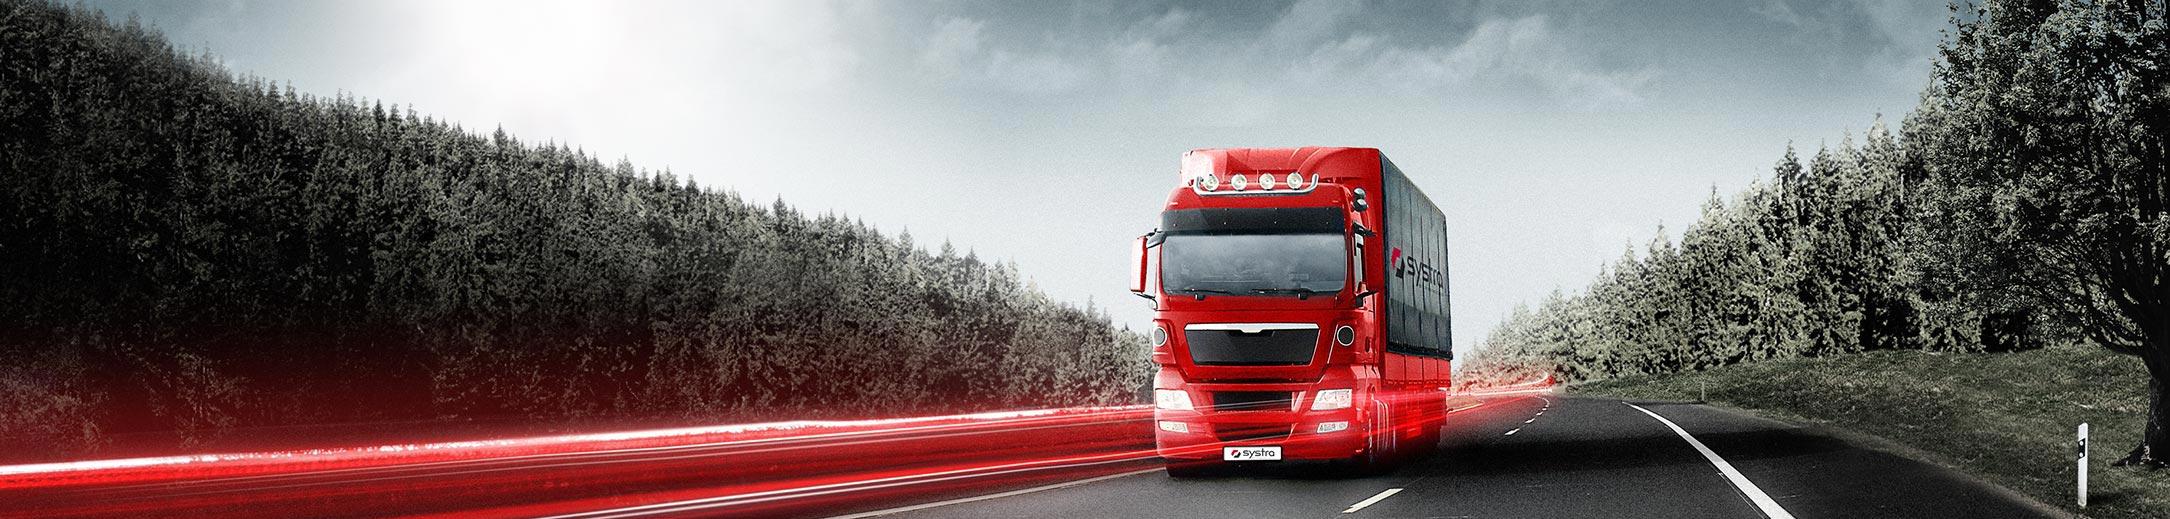 Systra Logistik - Transporte terrestre